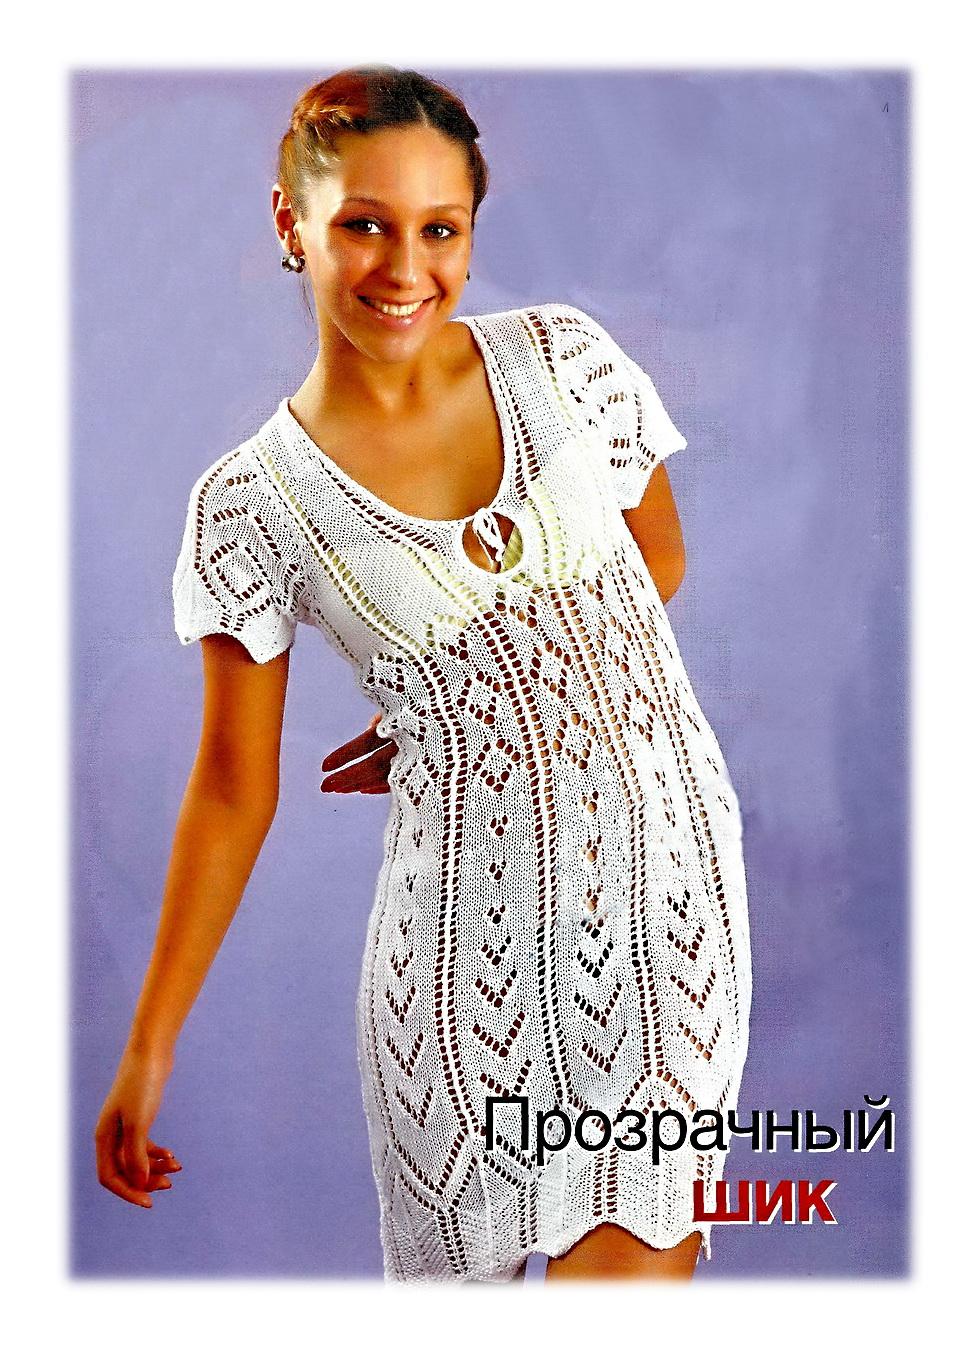 Воздушное платье, связанное на спицах, восхищает сочетанием филигранных узоров на тонком белоснежном полотне.